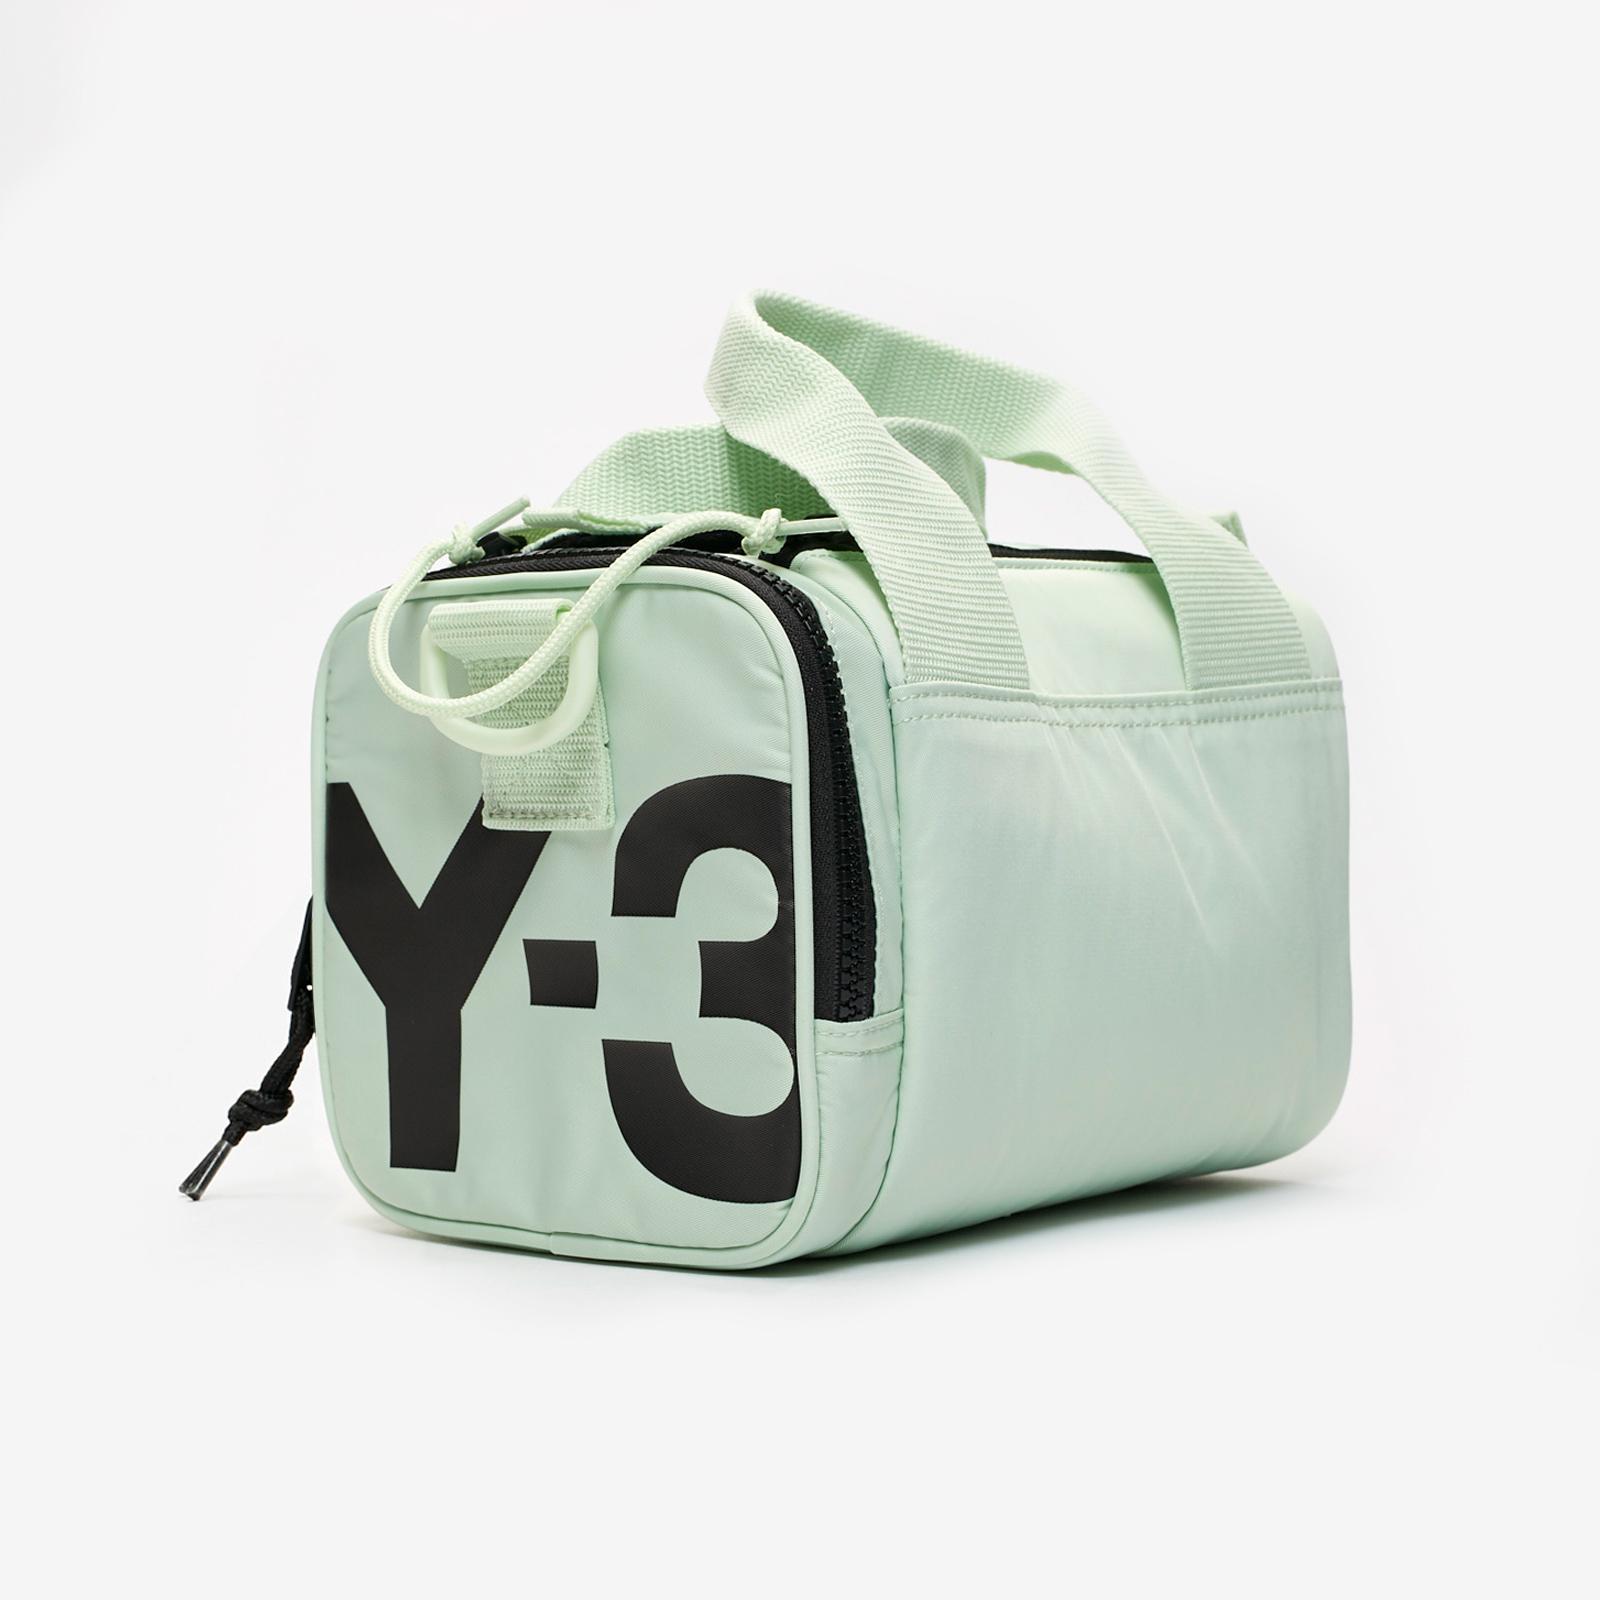 aab8a30e1 adidas Y-3 Mini Bag - Dy0535 - Sneakersnstuff